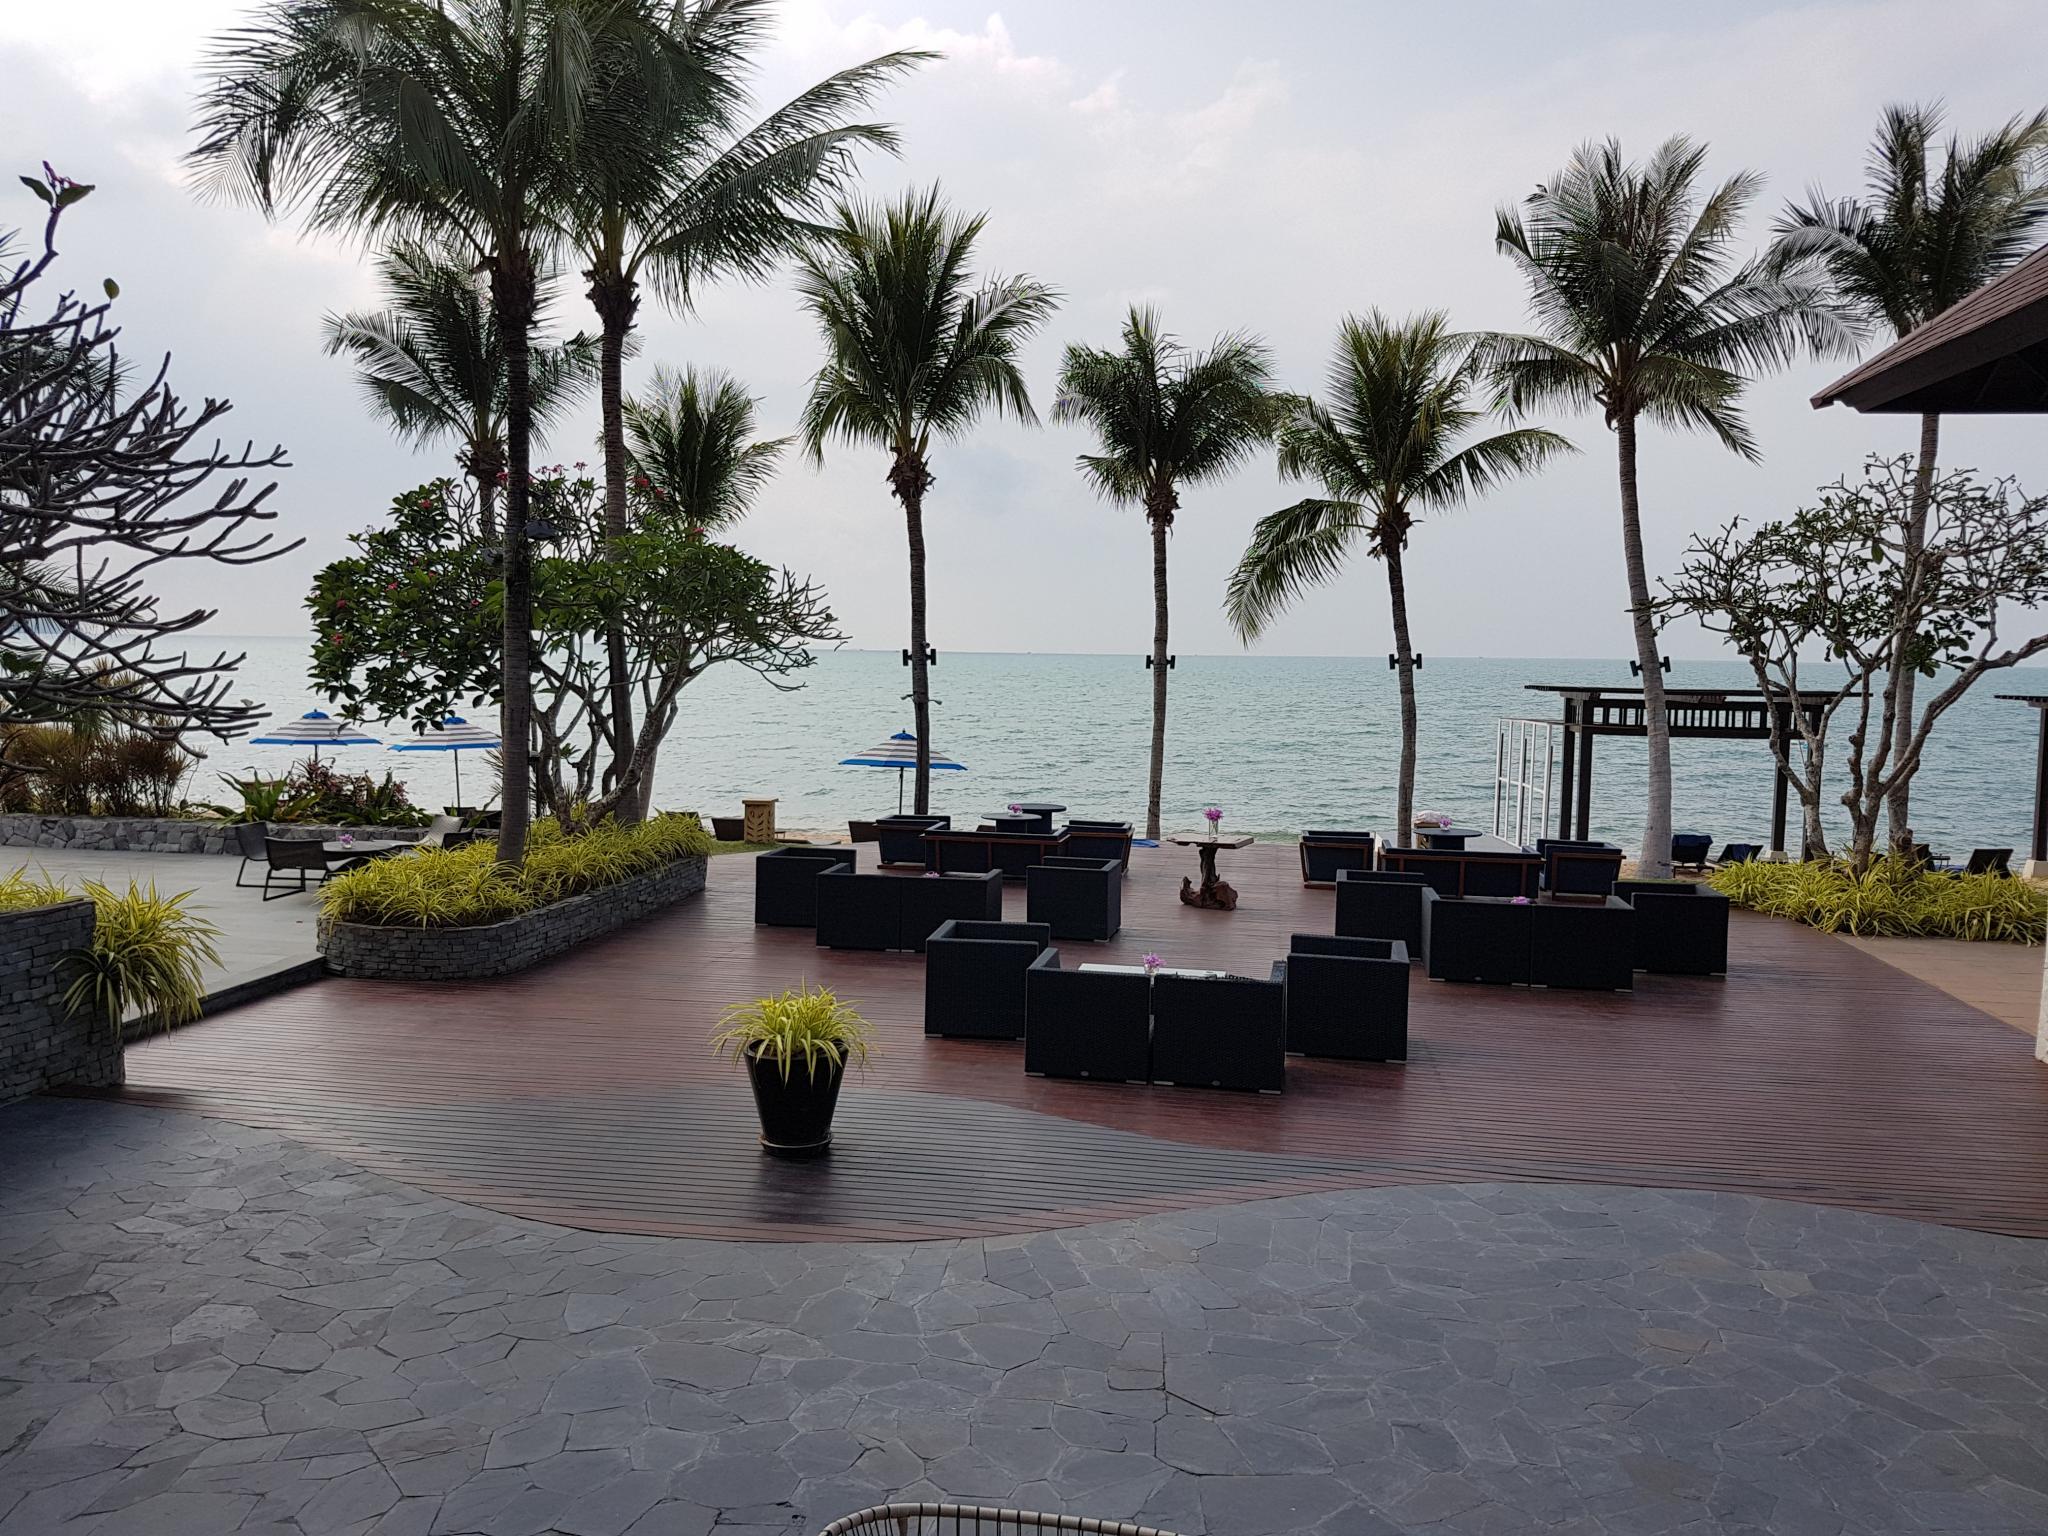 Bang Saray beach wedding & villa.-20191227_150332-jpg